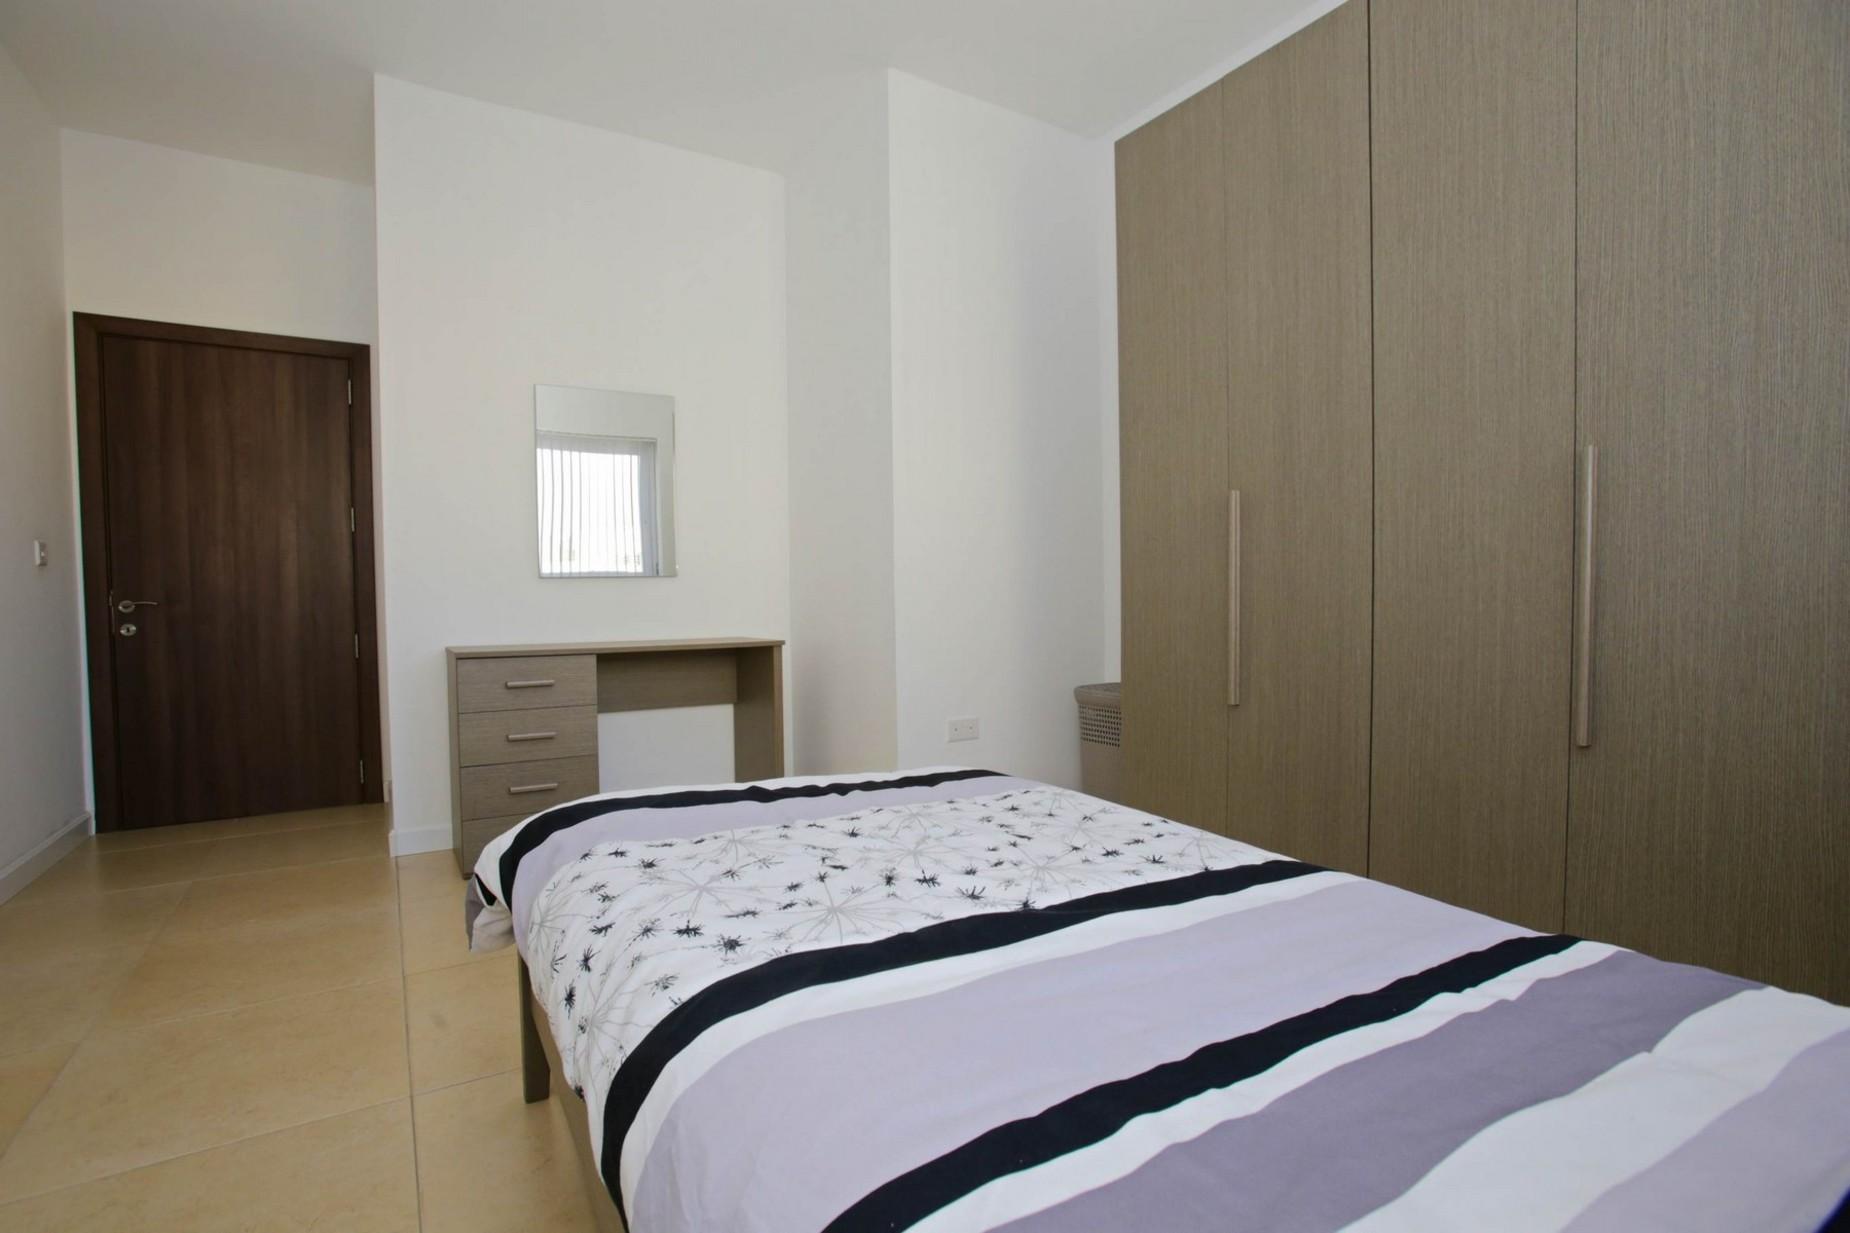 3 bed Apartment For Rent in Gzira, Gzira - thumb 16